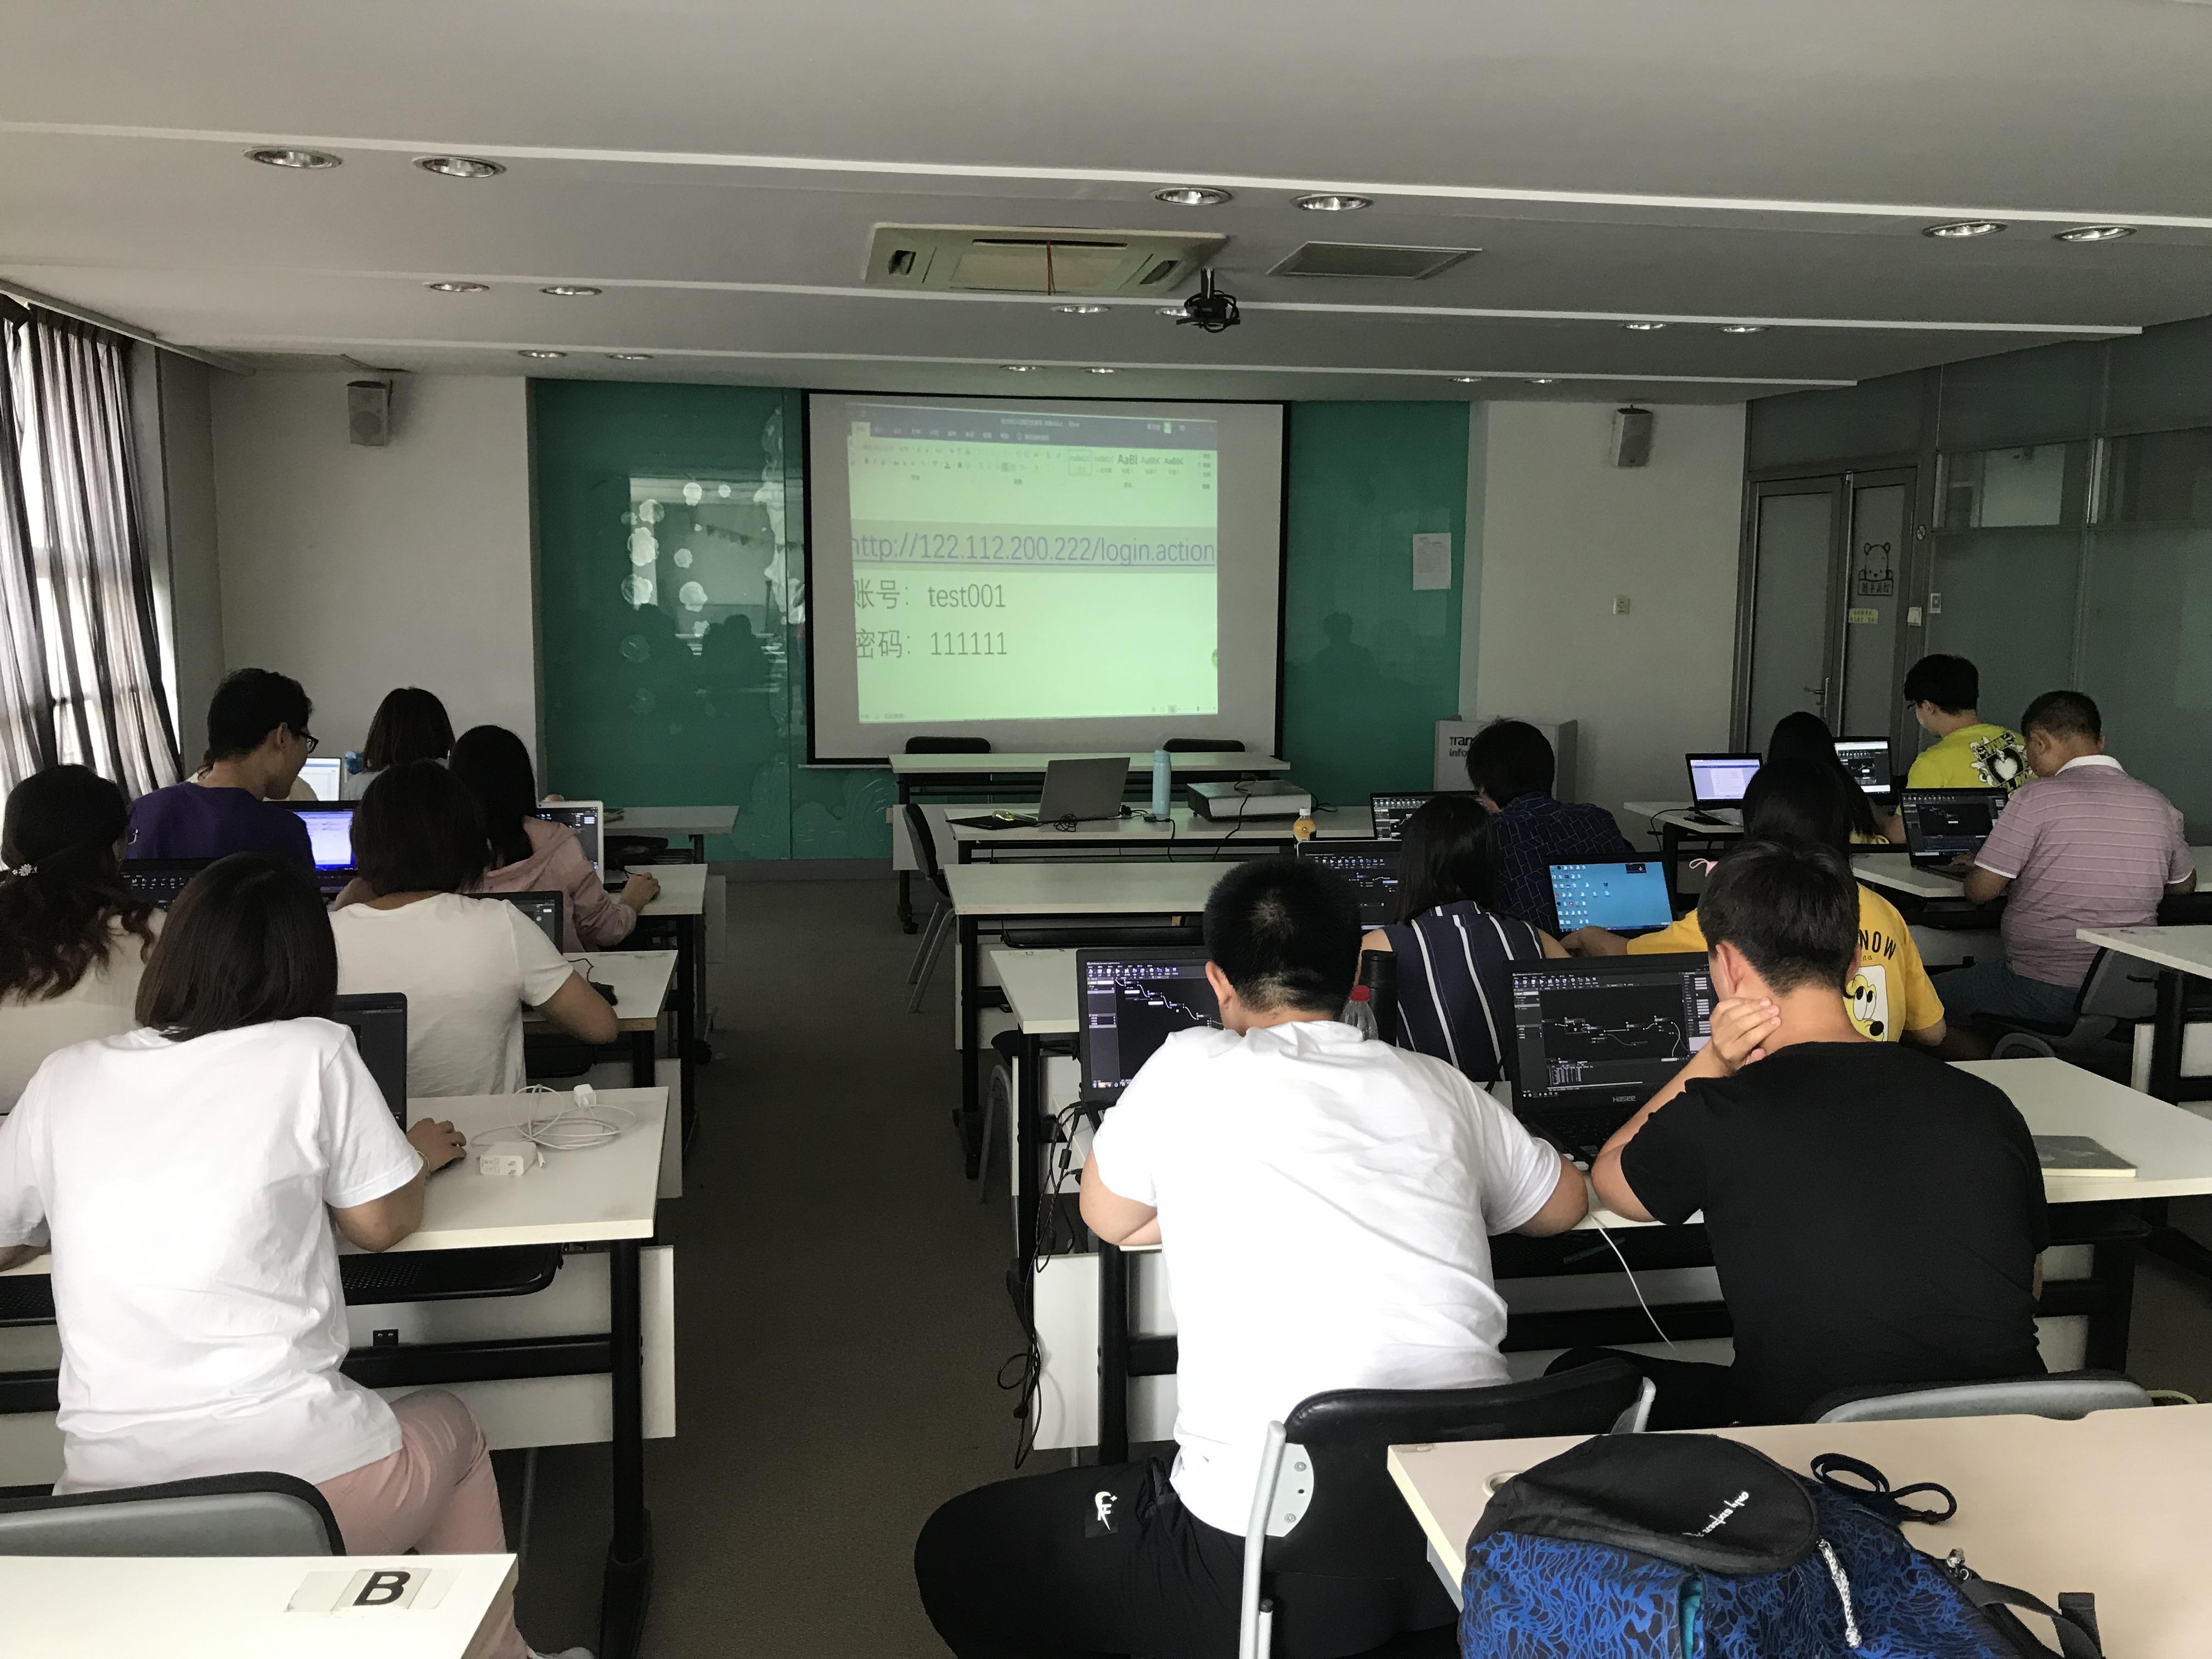 iS-RPA 技术认证培训 - 天津 20190620 班 - 培训开始